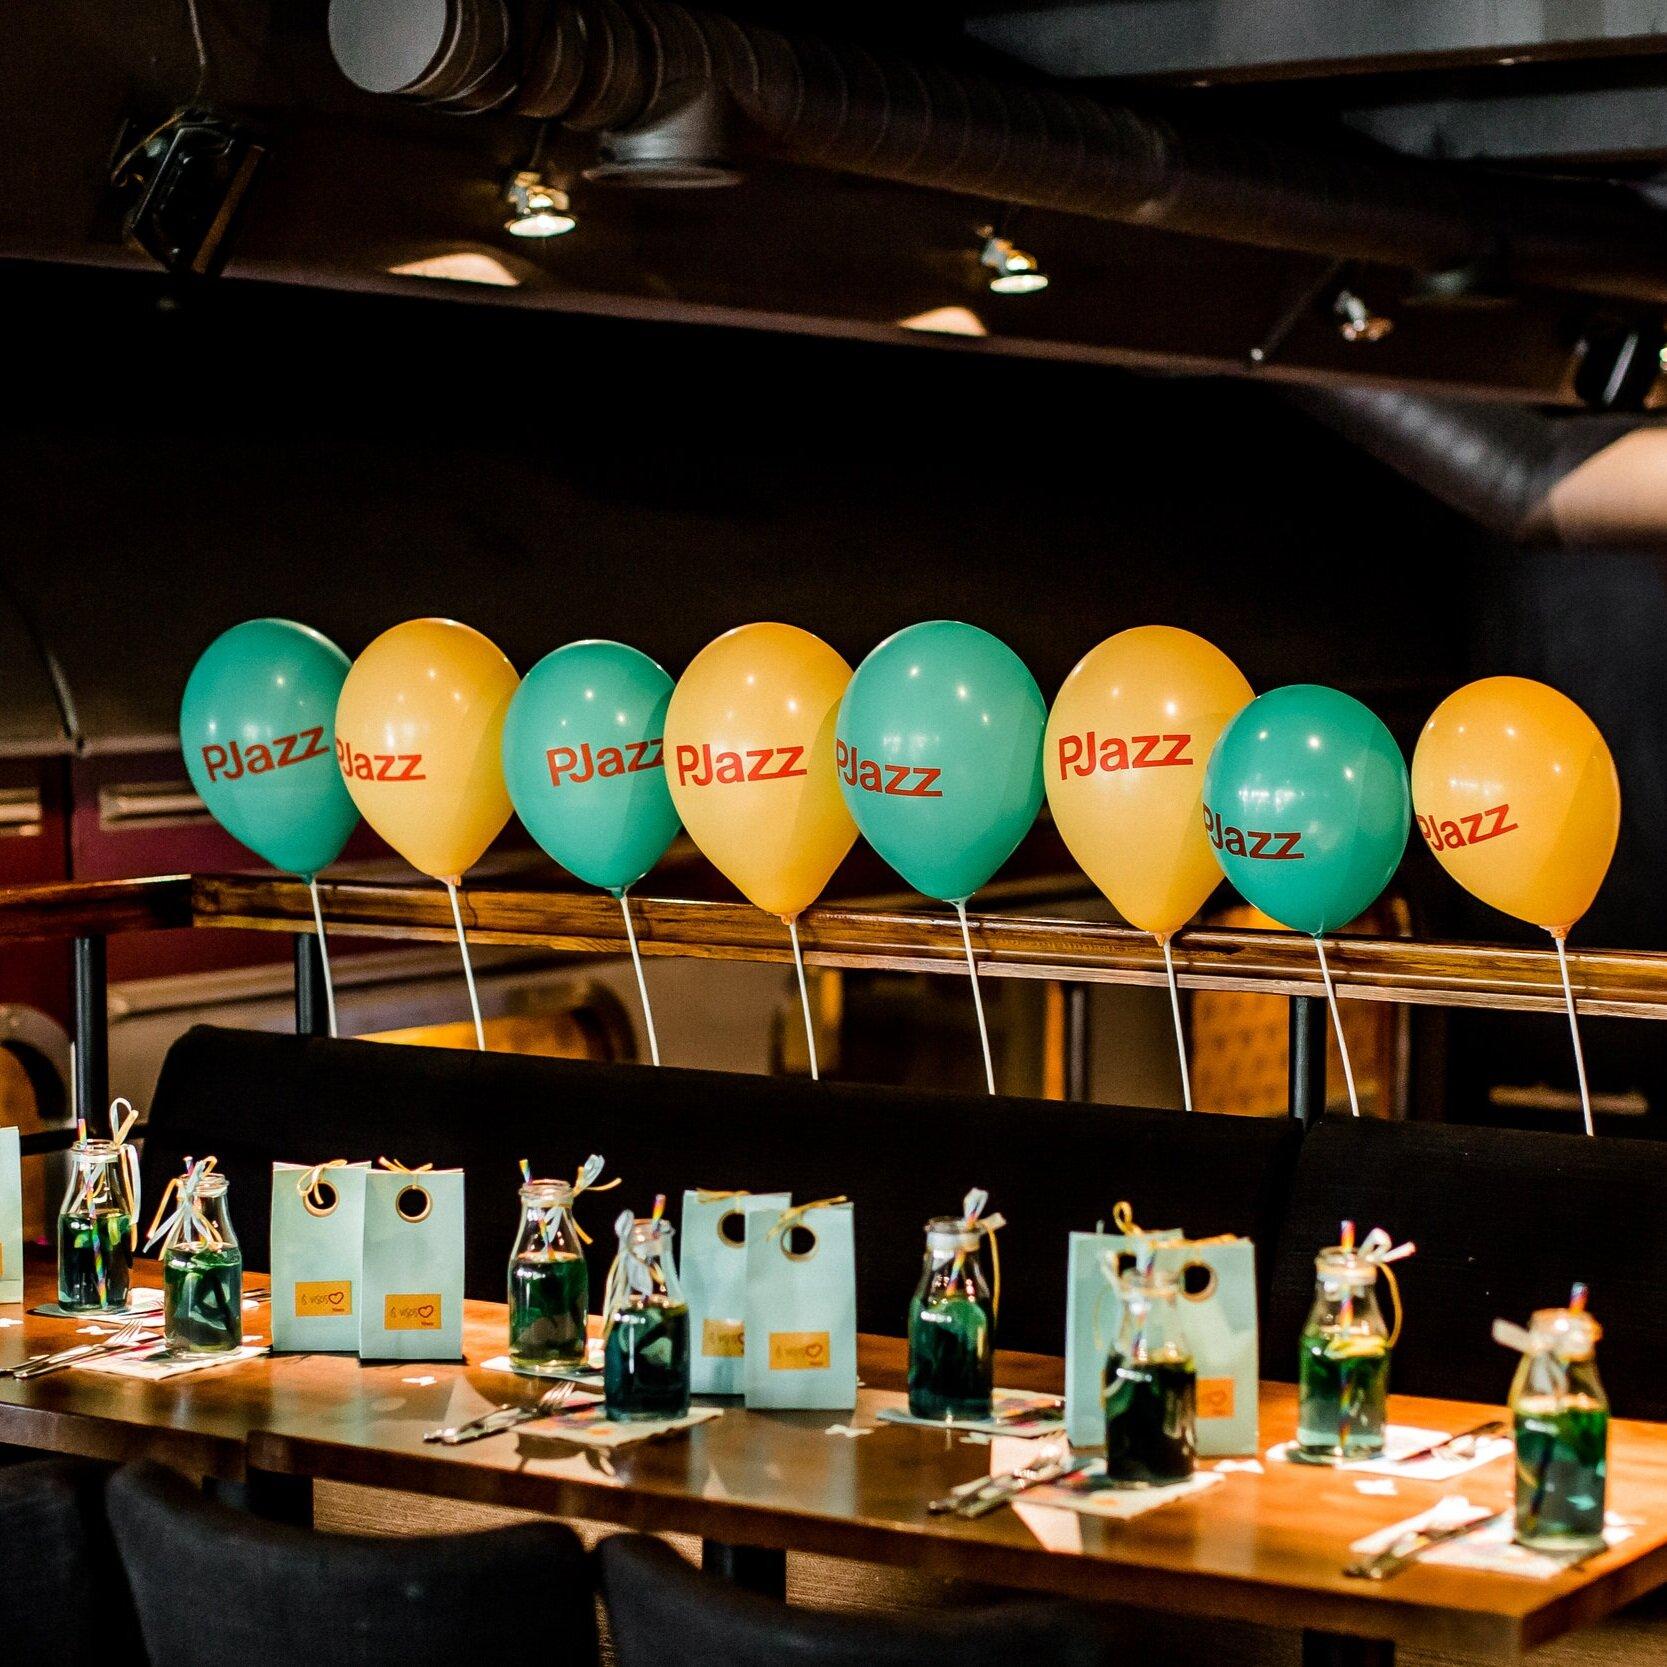 10 Naminių Limonadų - Prie Šventinio torto patieksime Specialųjį PJazz Limonadą, dekoruotuose buteliukuose